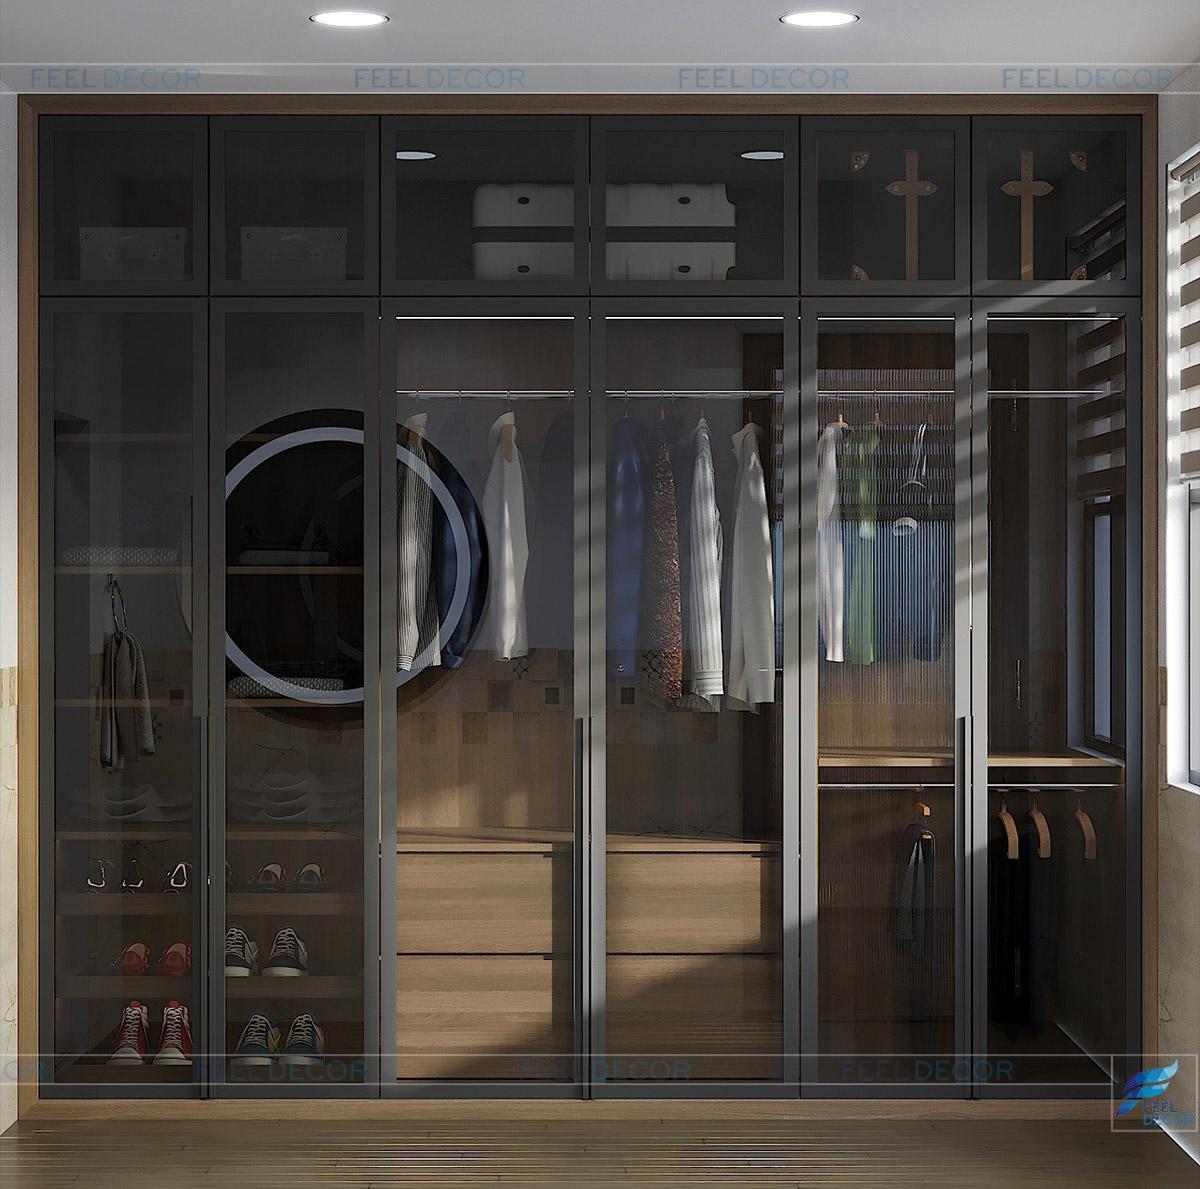 Hình ảnh 3D nội thất phòng ngủ con trai nhà phố quận 9